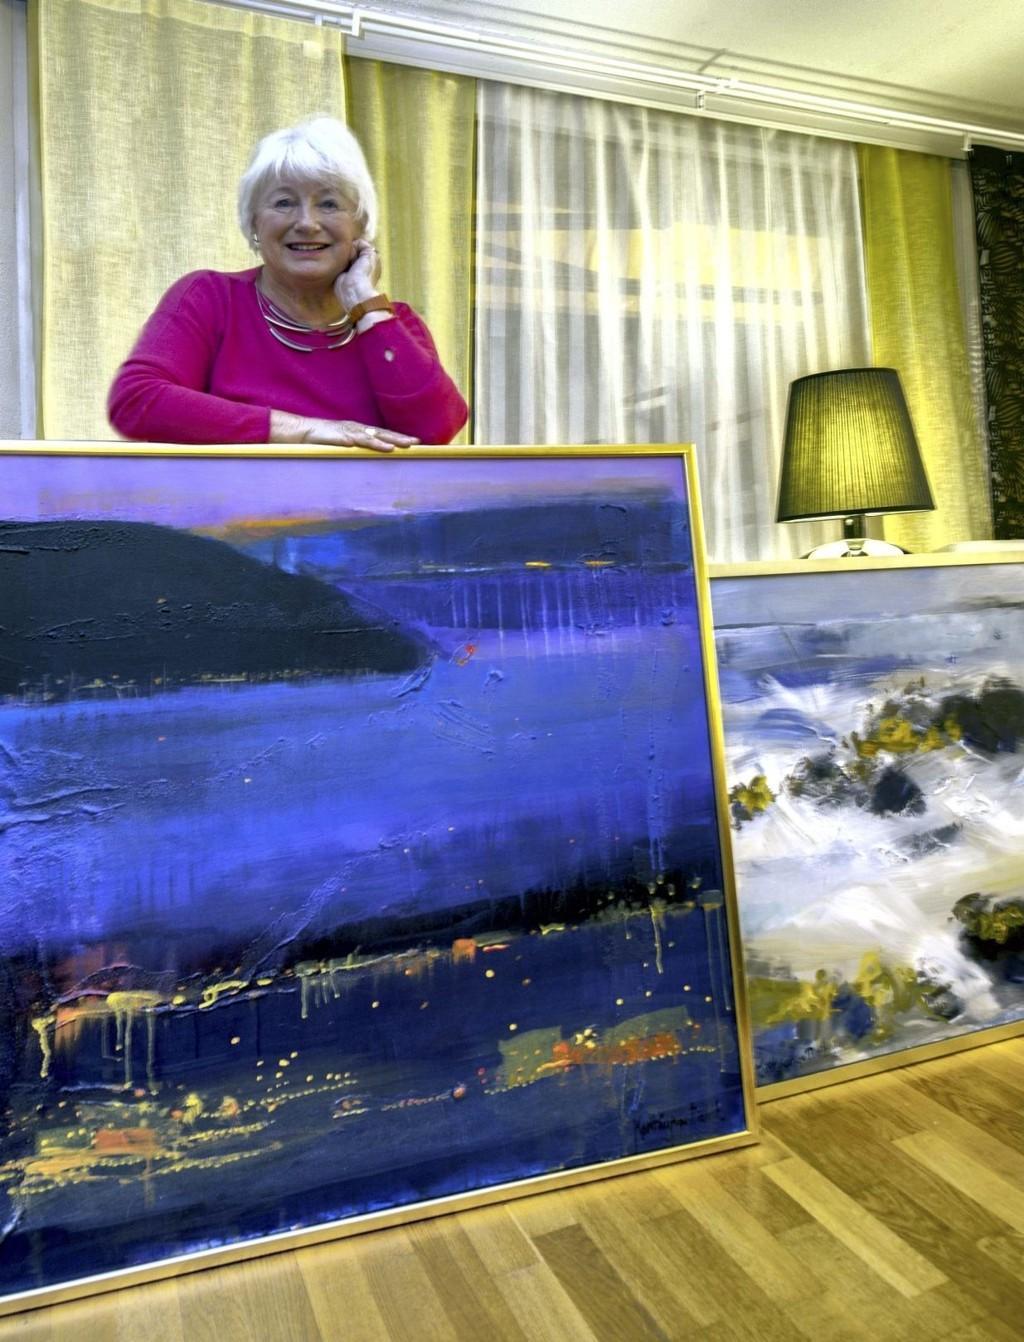 MED PÅ ALLE: Marit Lange Davik er valgt ut til årets kunstner på Nordstrand Lions sin utstilling. FOTO: PRIVAT